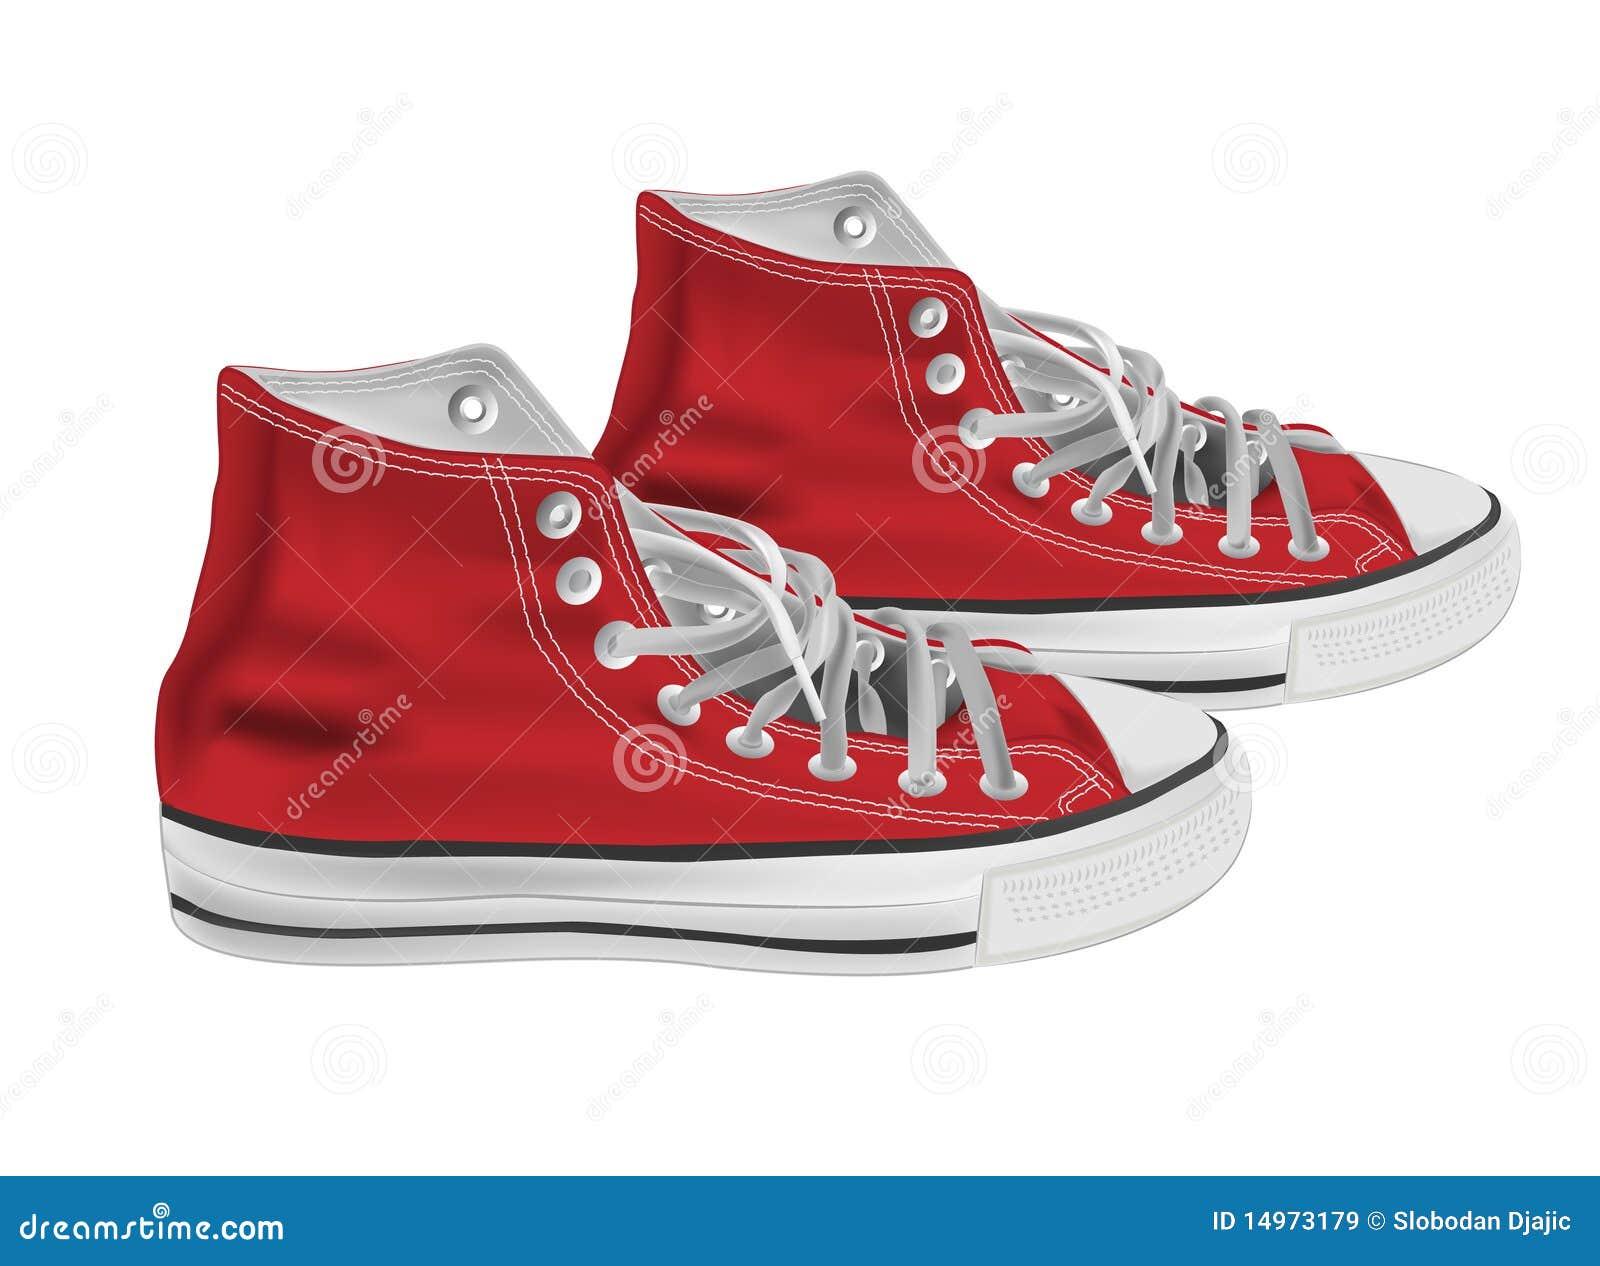 Ilustración de los zapatos atléticos